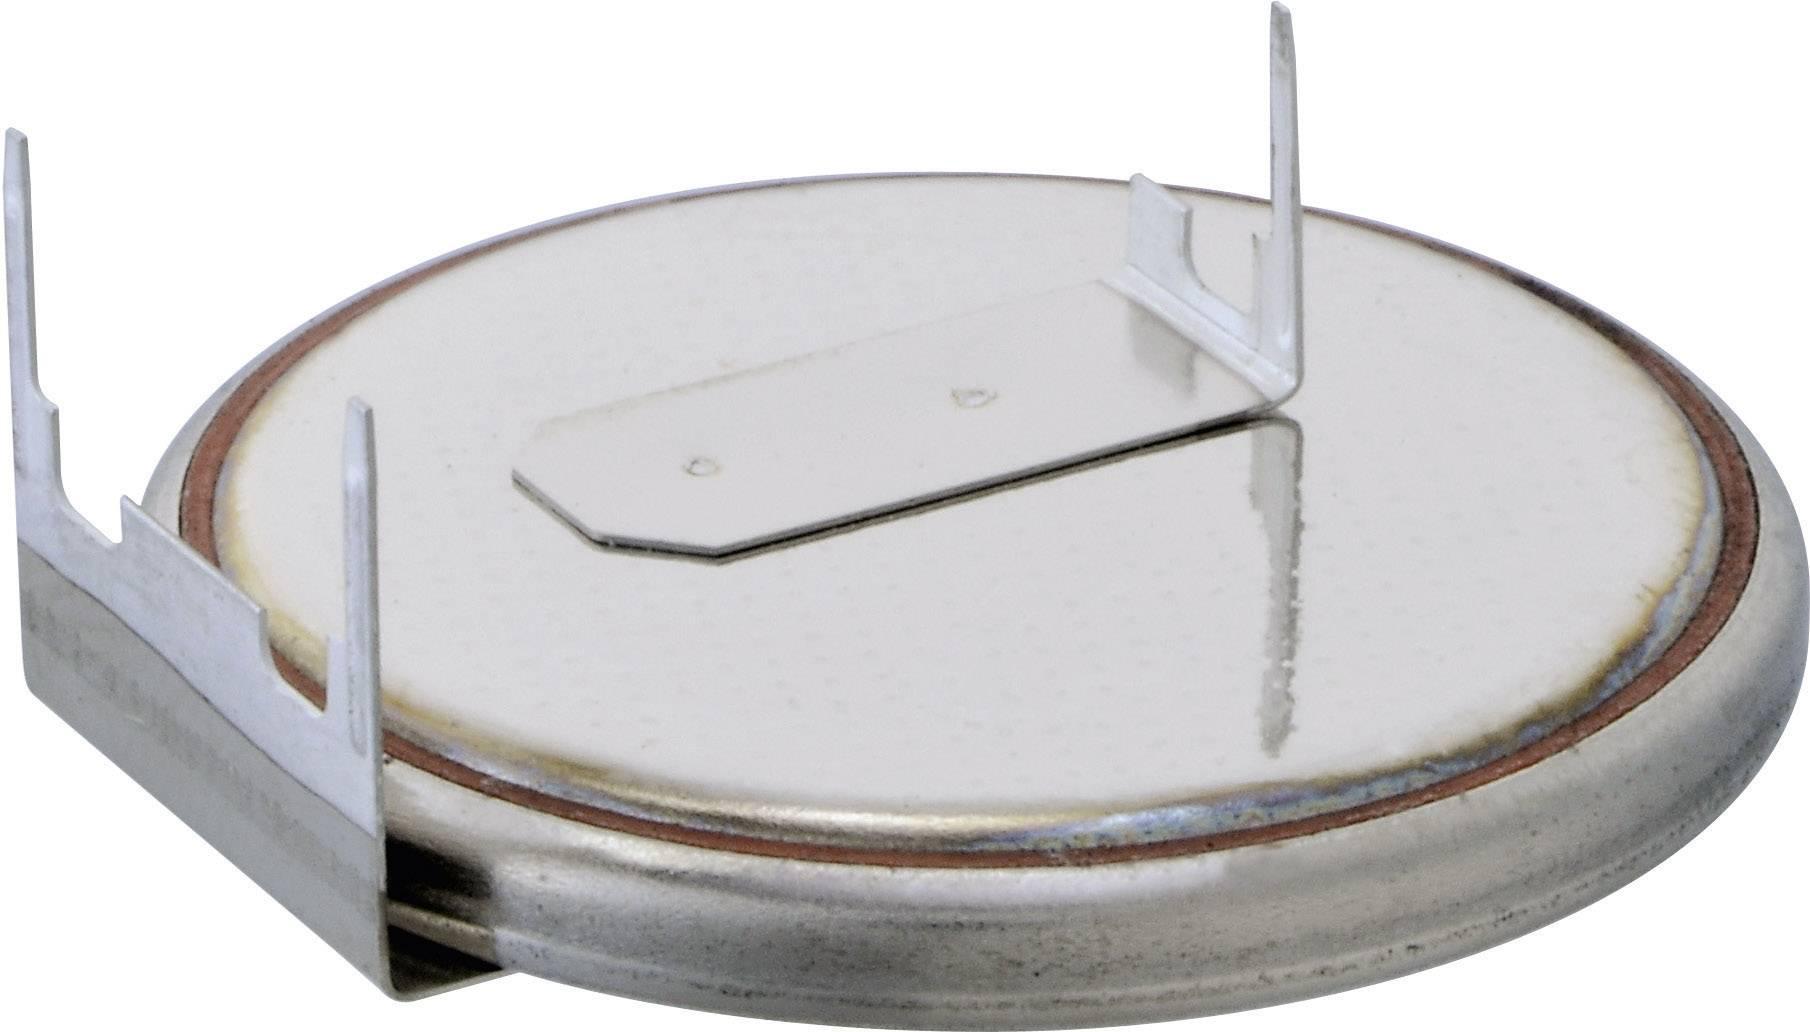 Gombíková batéria Renata CR2430 RH-LF, so spájkovacími kontaktami